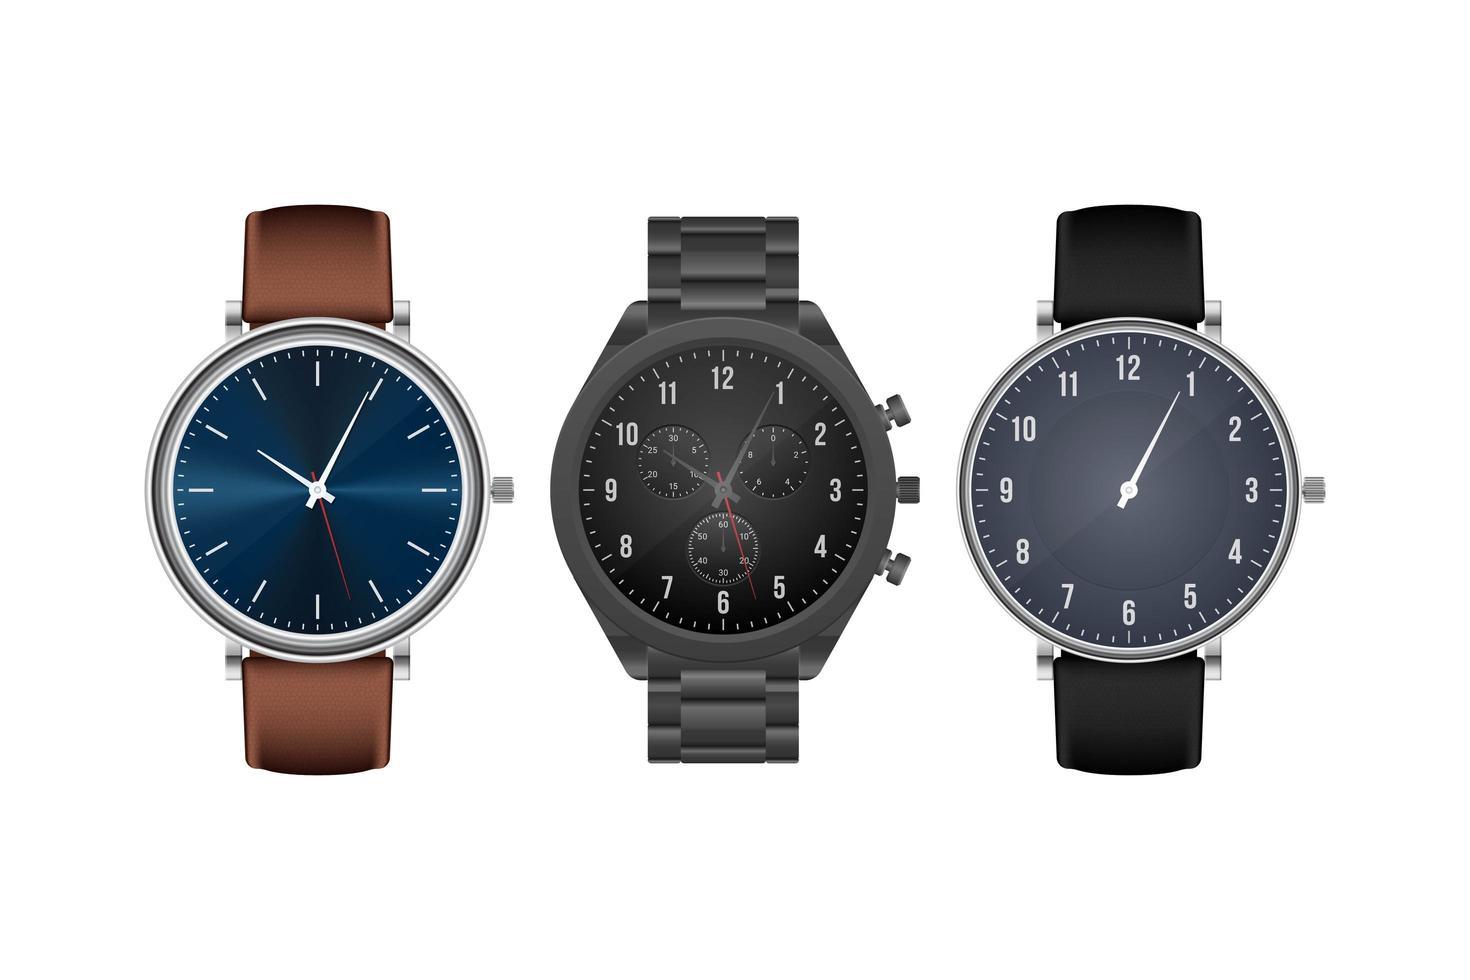 orologio da polso elegante realistico isolato vettore